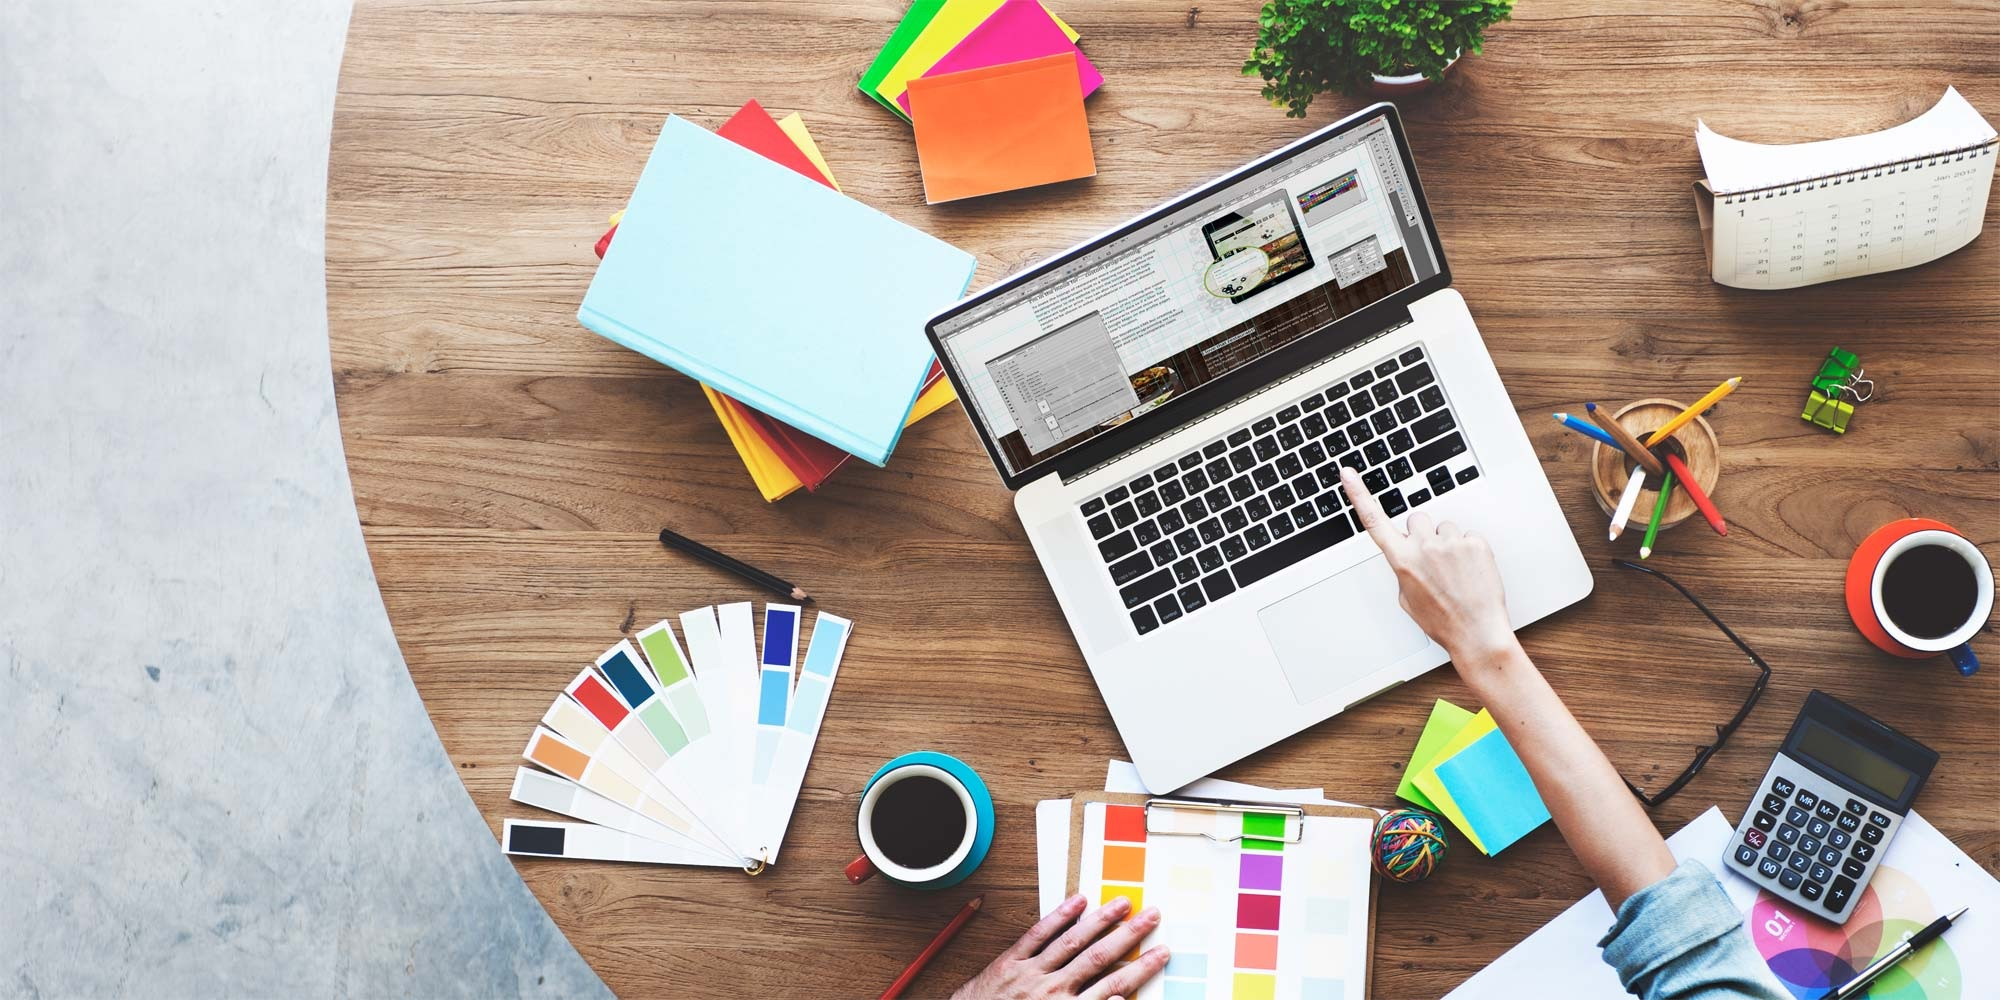 راهنمای انتخاب بهترین شرکت طراحی سایت در تهران